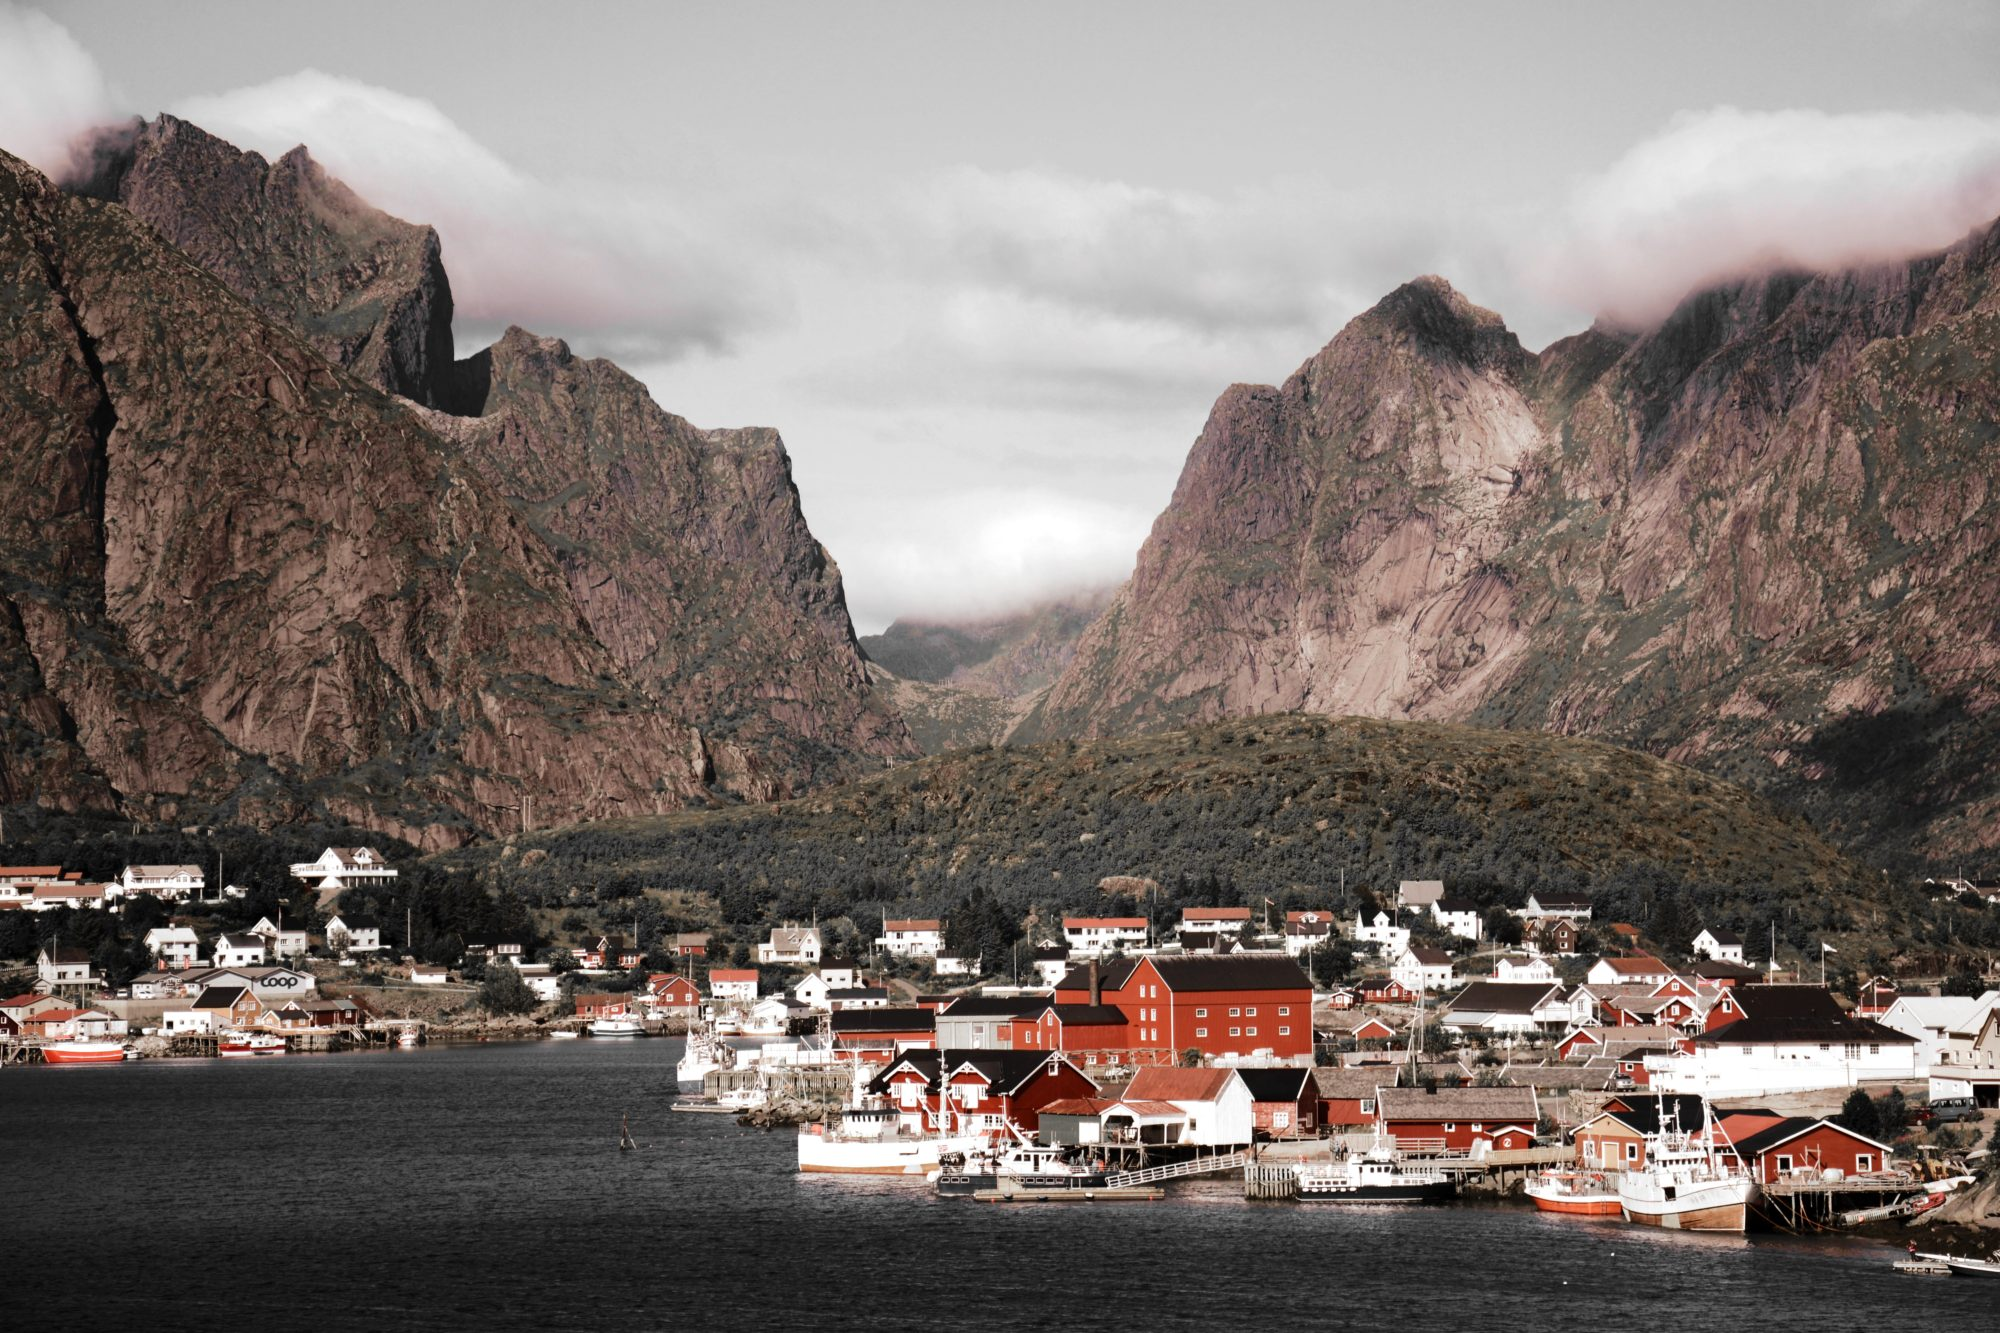 Reine, Best Mountain Towns In Europe